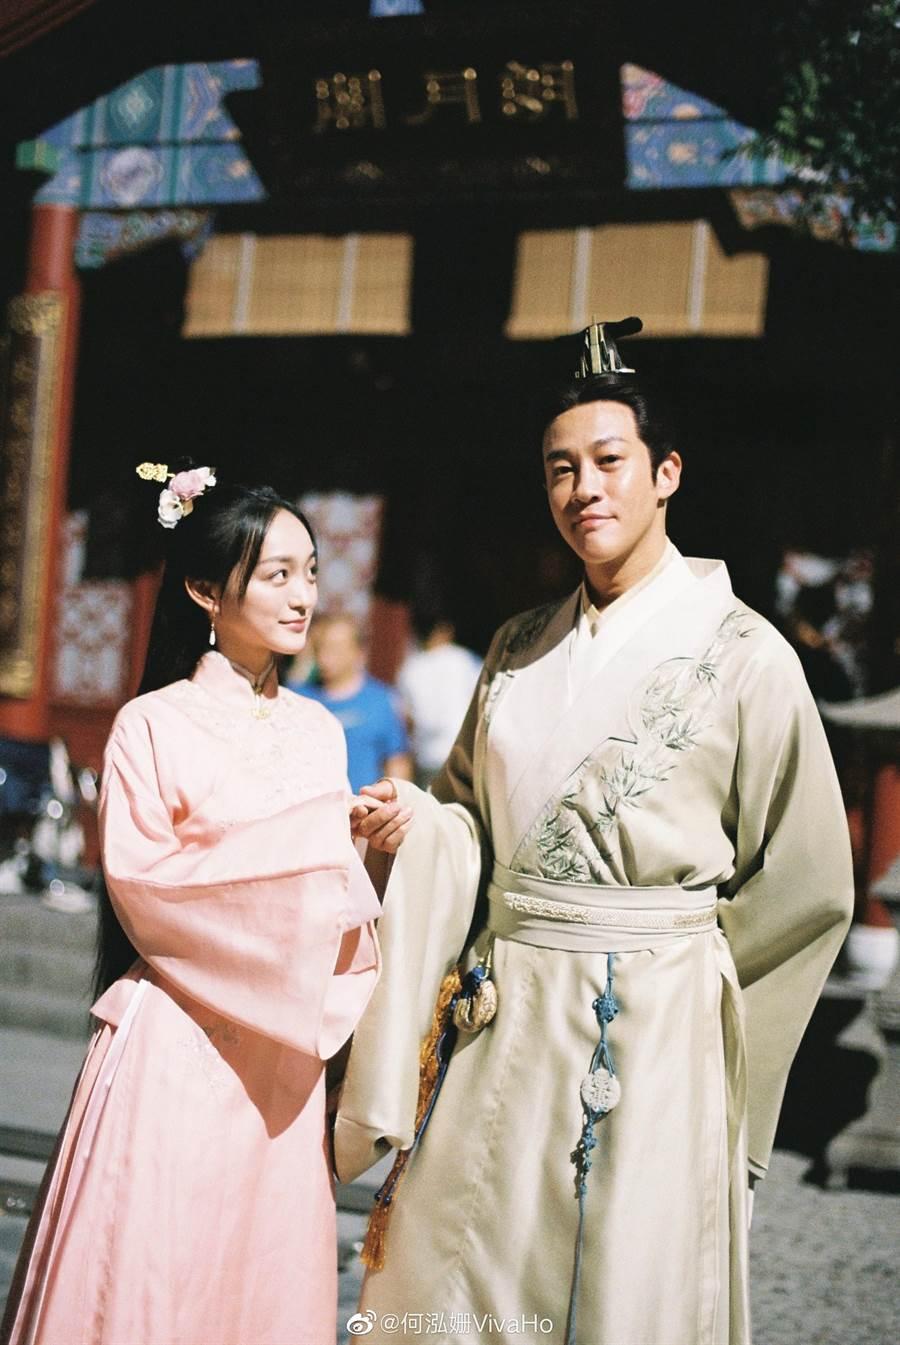 何潤東(右)、何泓姍主演的《歲歲青蓮》今年6月已經開拍。(取自新浪微博@何泓姍)